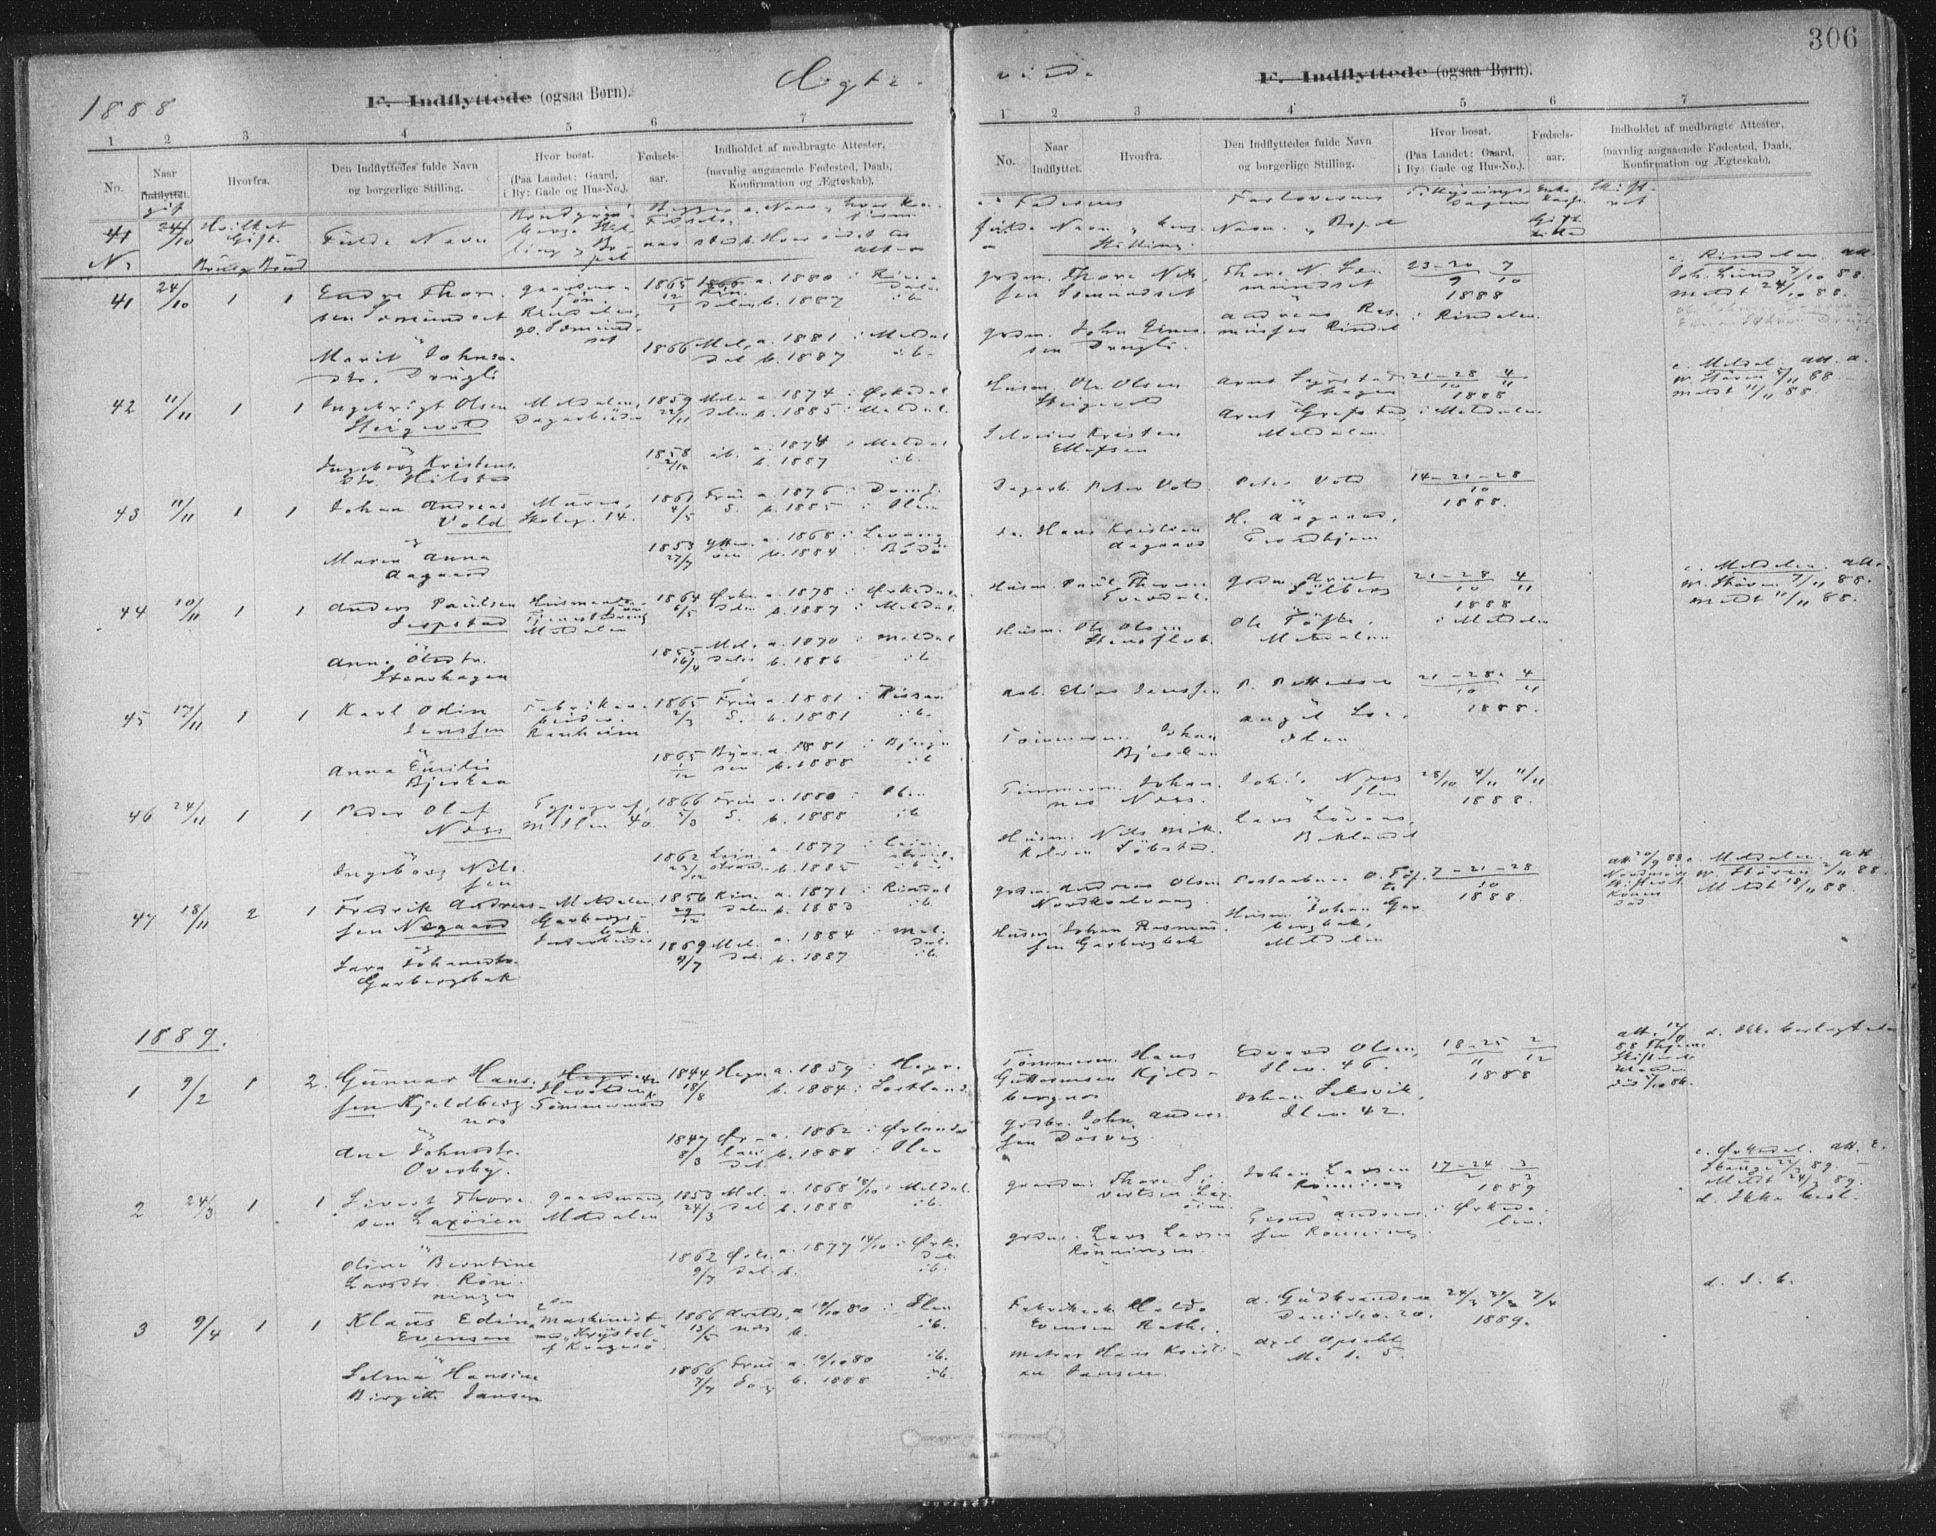 SAT, Ministerialprotokoller, klokkerbøker og fødselsregistre - Sør-Trøndelag, 603/L0163: Ministerialbok nr. 603A02, 1879-1895, s. 306